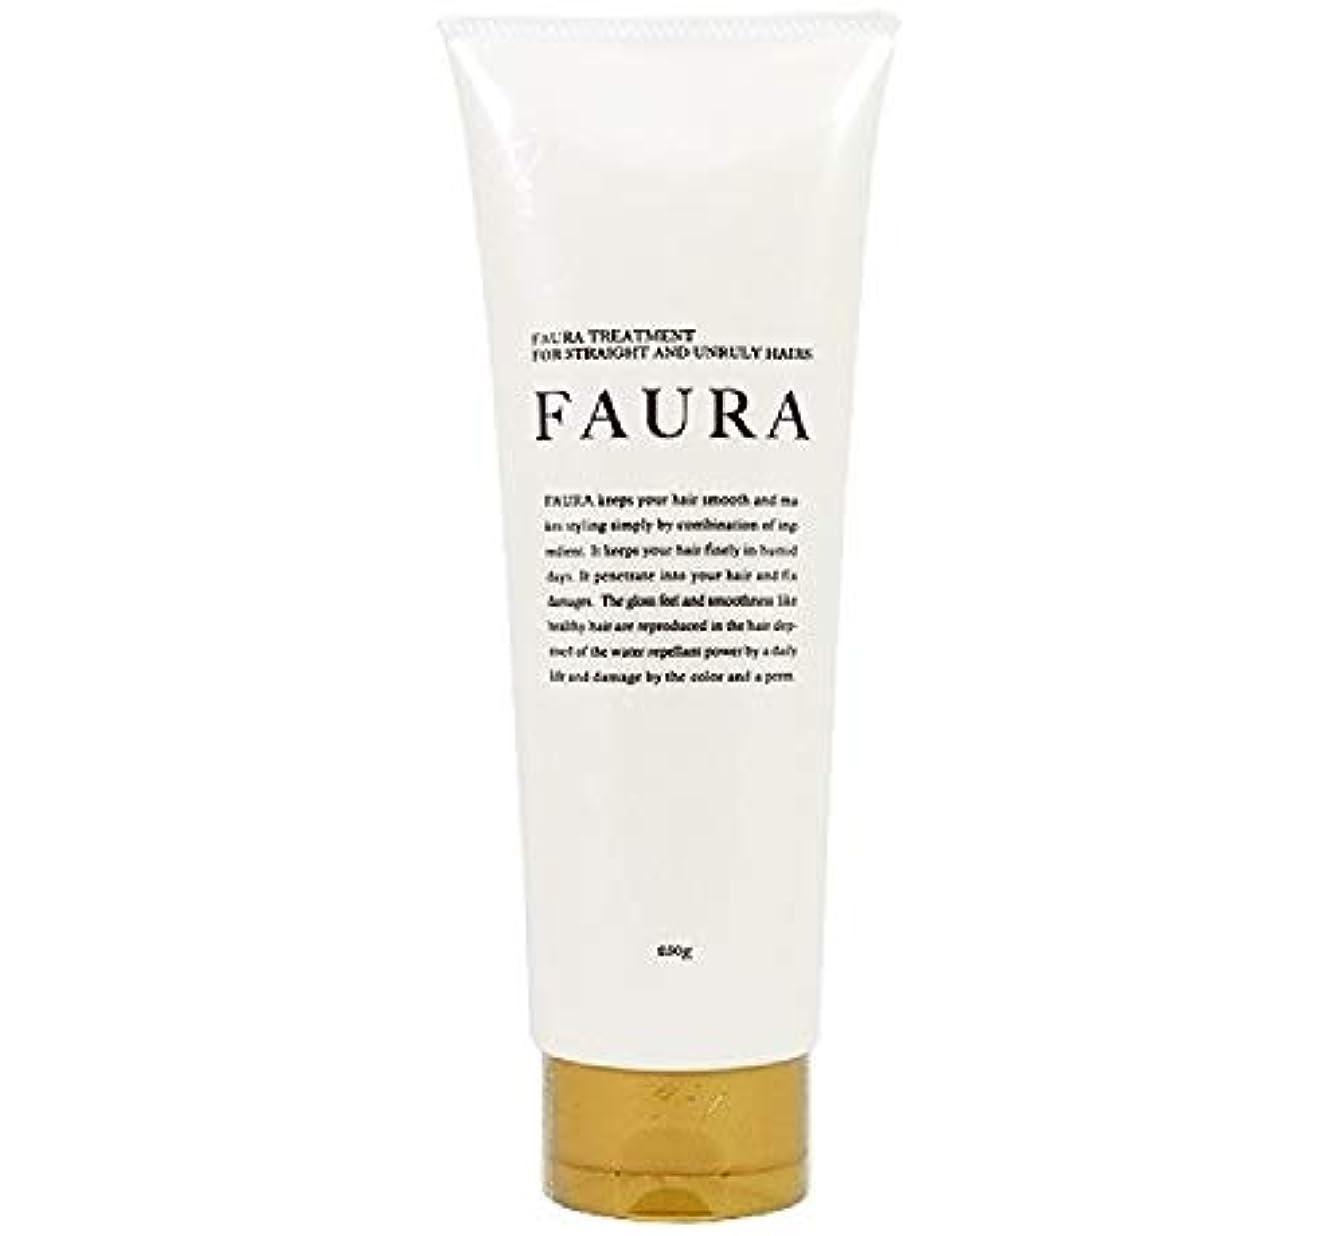 物理的にしてはいけない邪魔する【発売1年で3万本の売上】FAURA ファウラ ヘアトリートメント (傷んだ髪に) 250g 【サロン専売品】